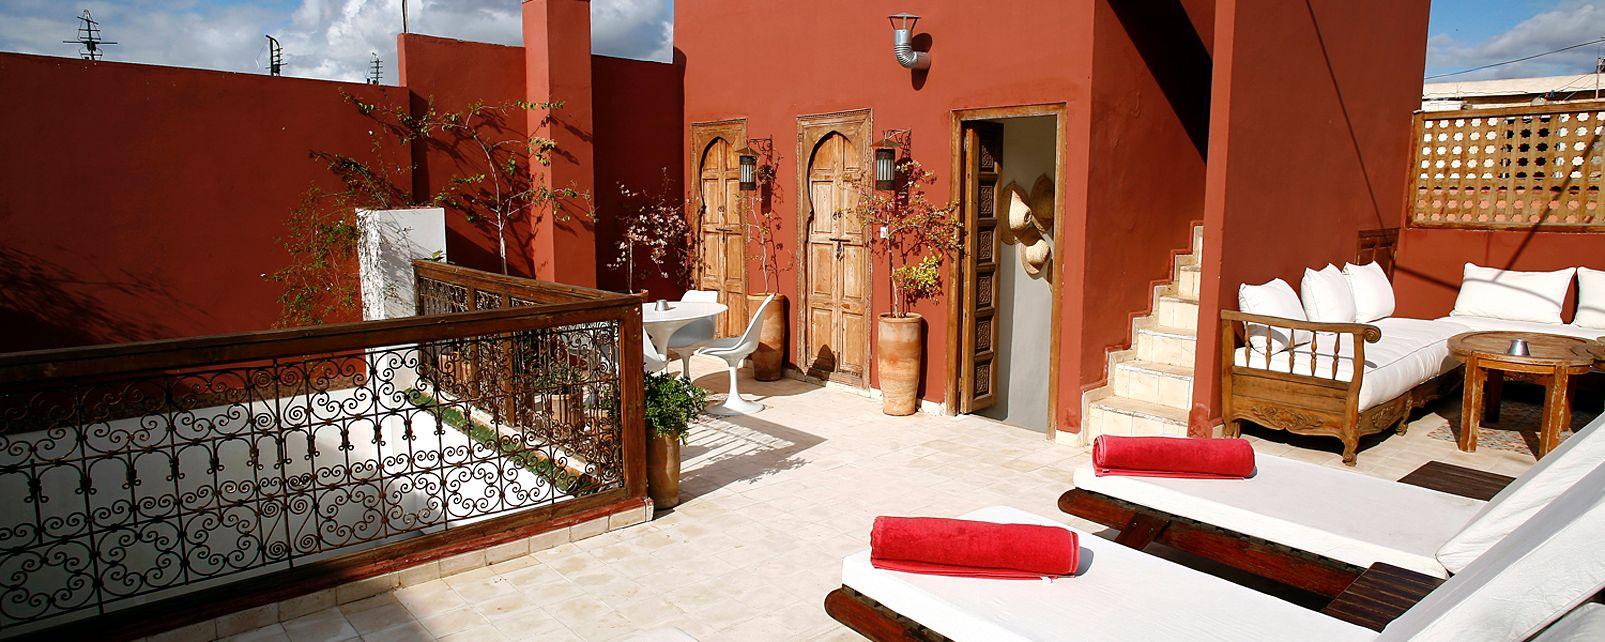 Hotel Riad Al Mansoura